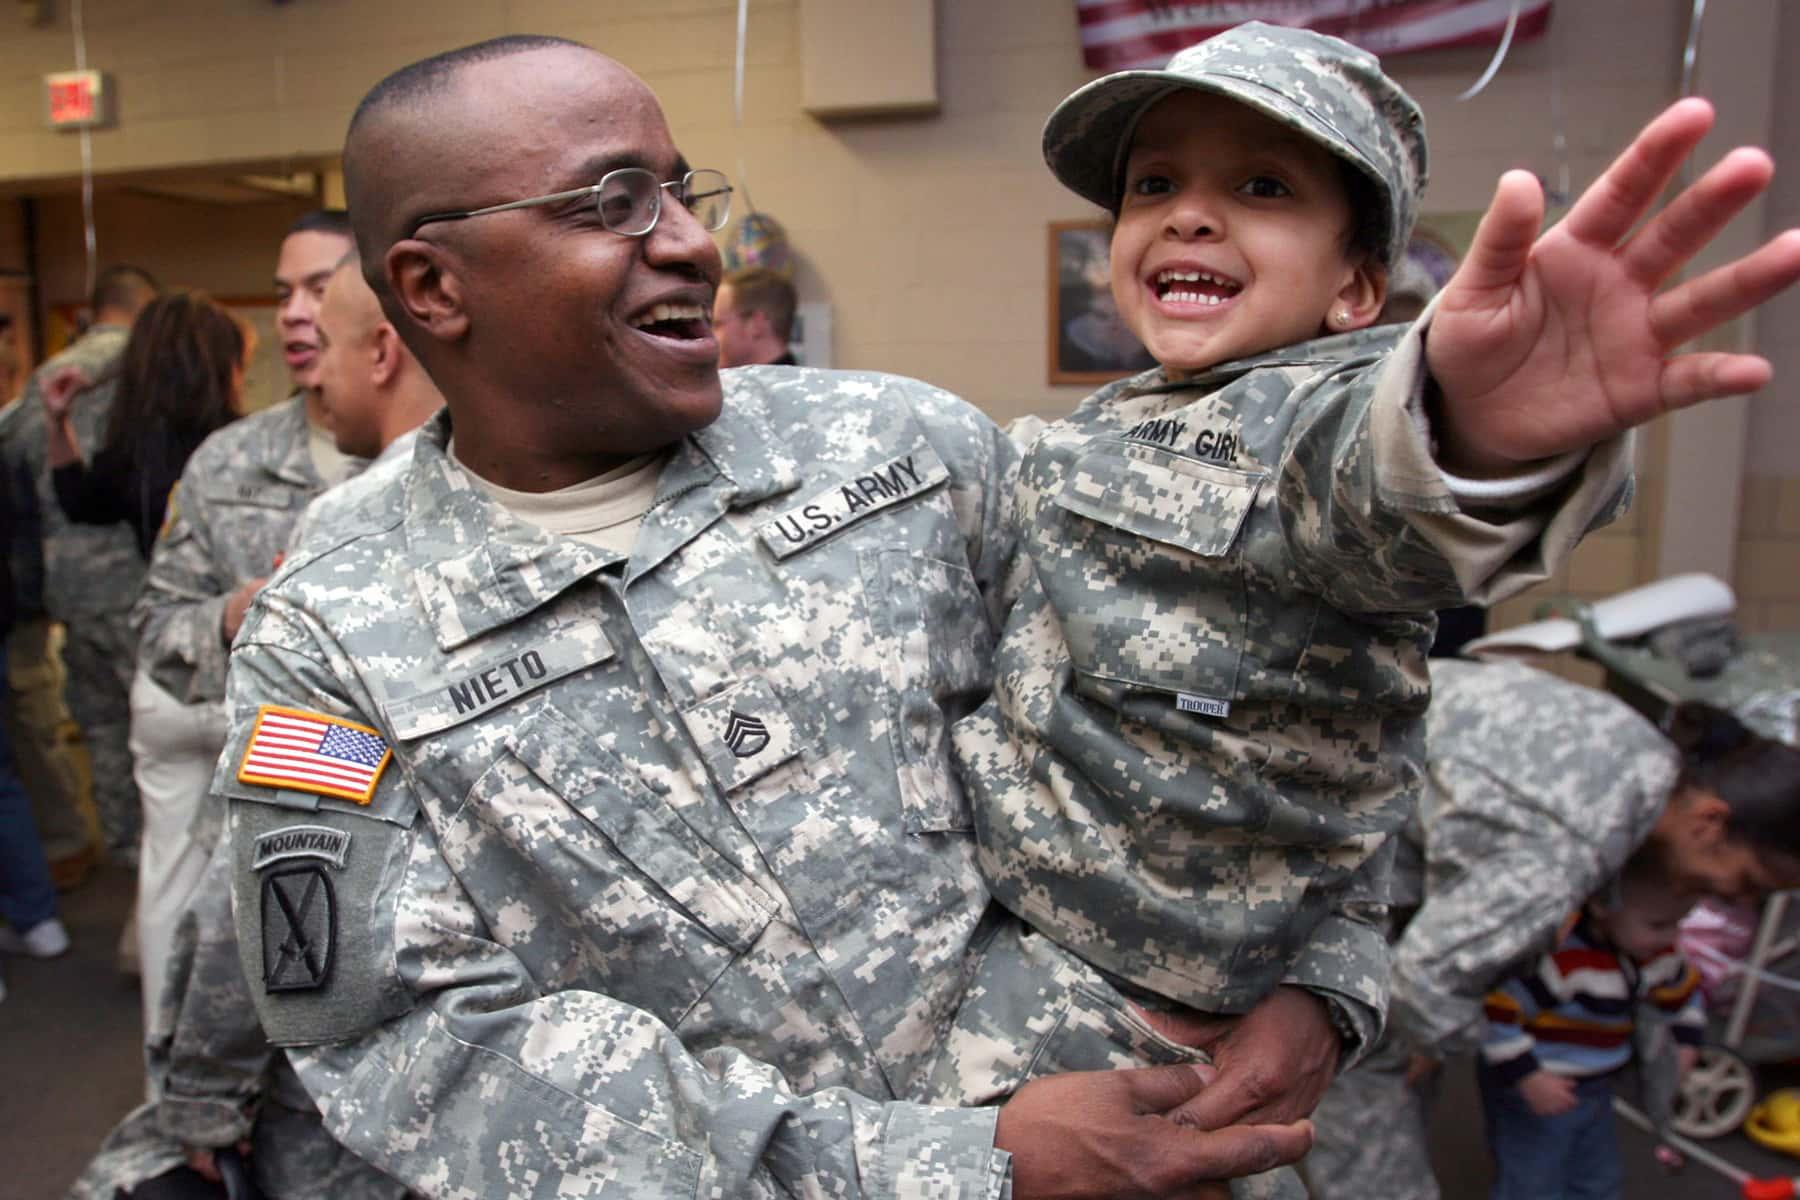 021719_militaryfamilyemployment_02